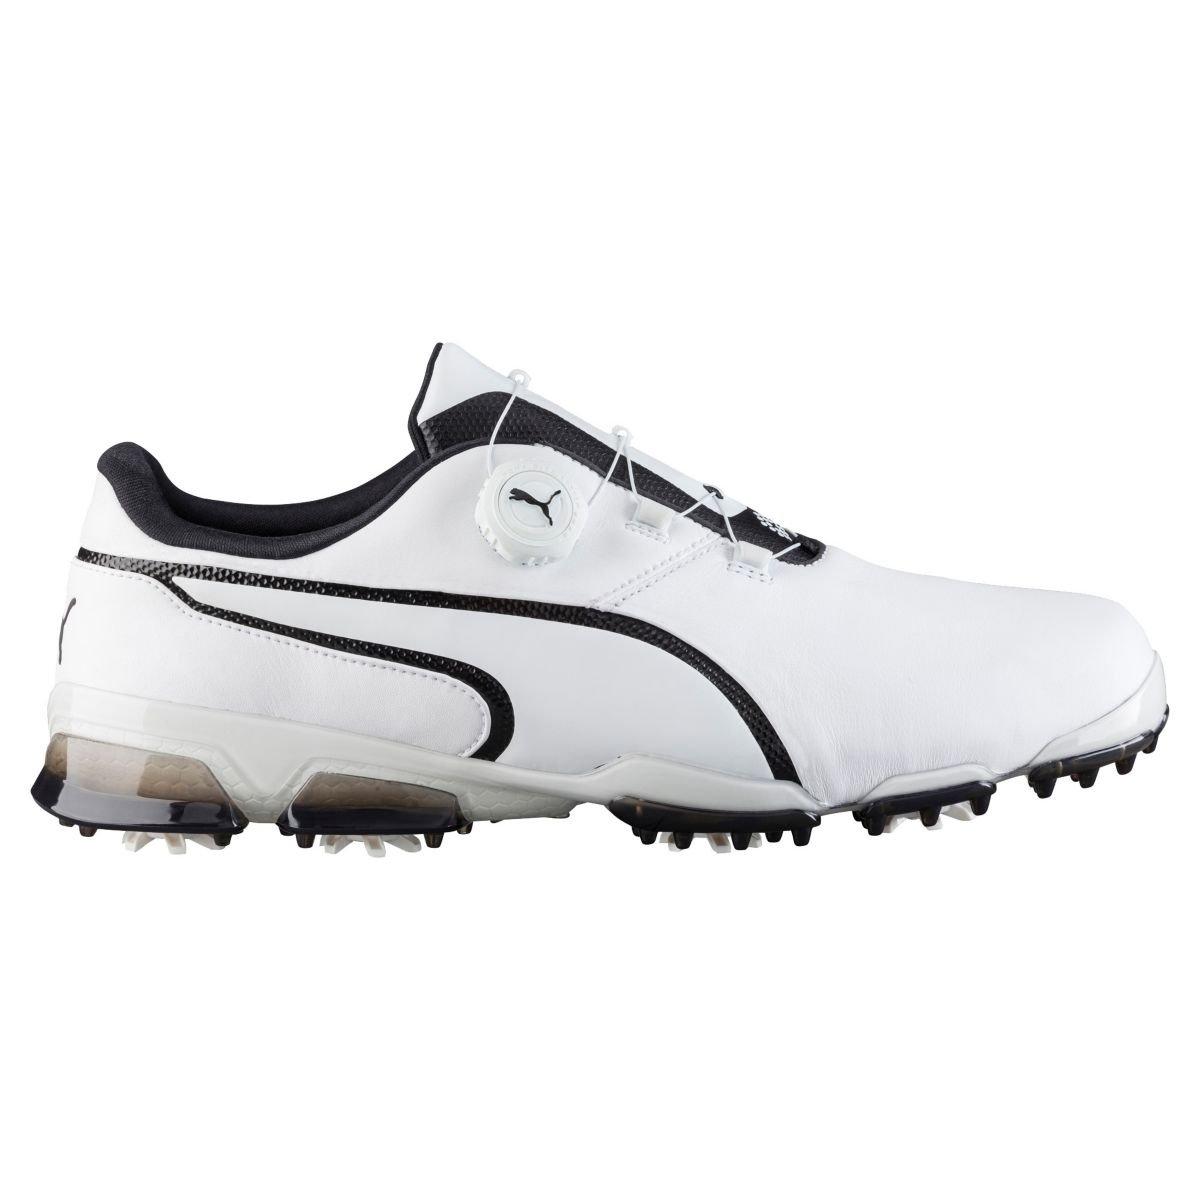 Puma Men's TitanTour Ignite Disc Golf Shoe - White/Black